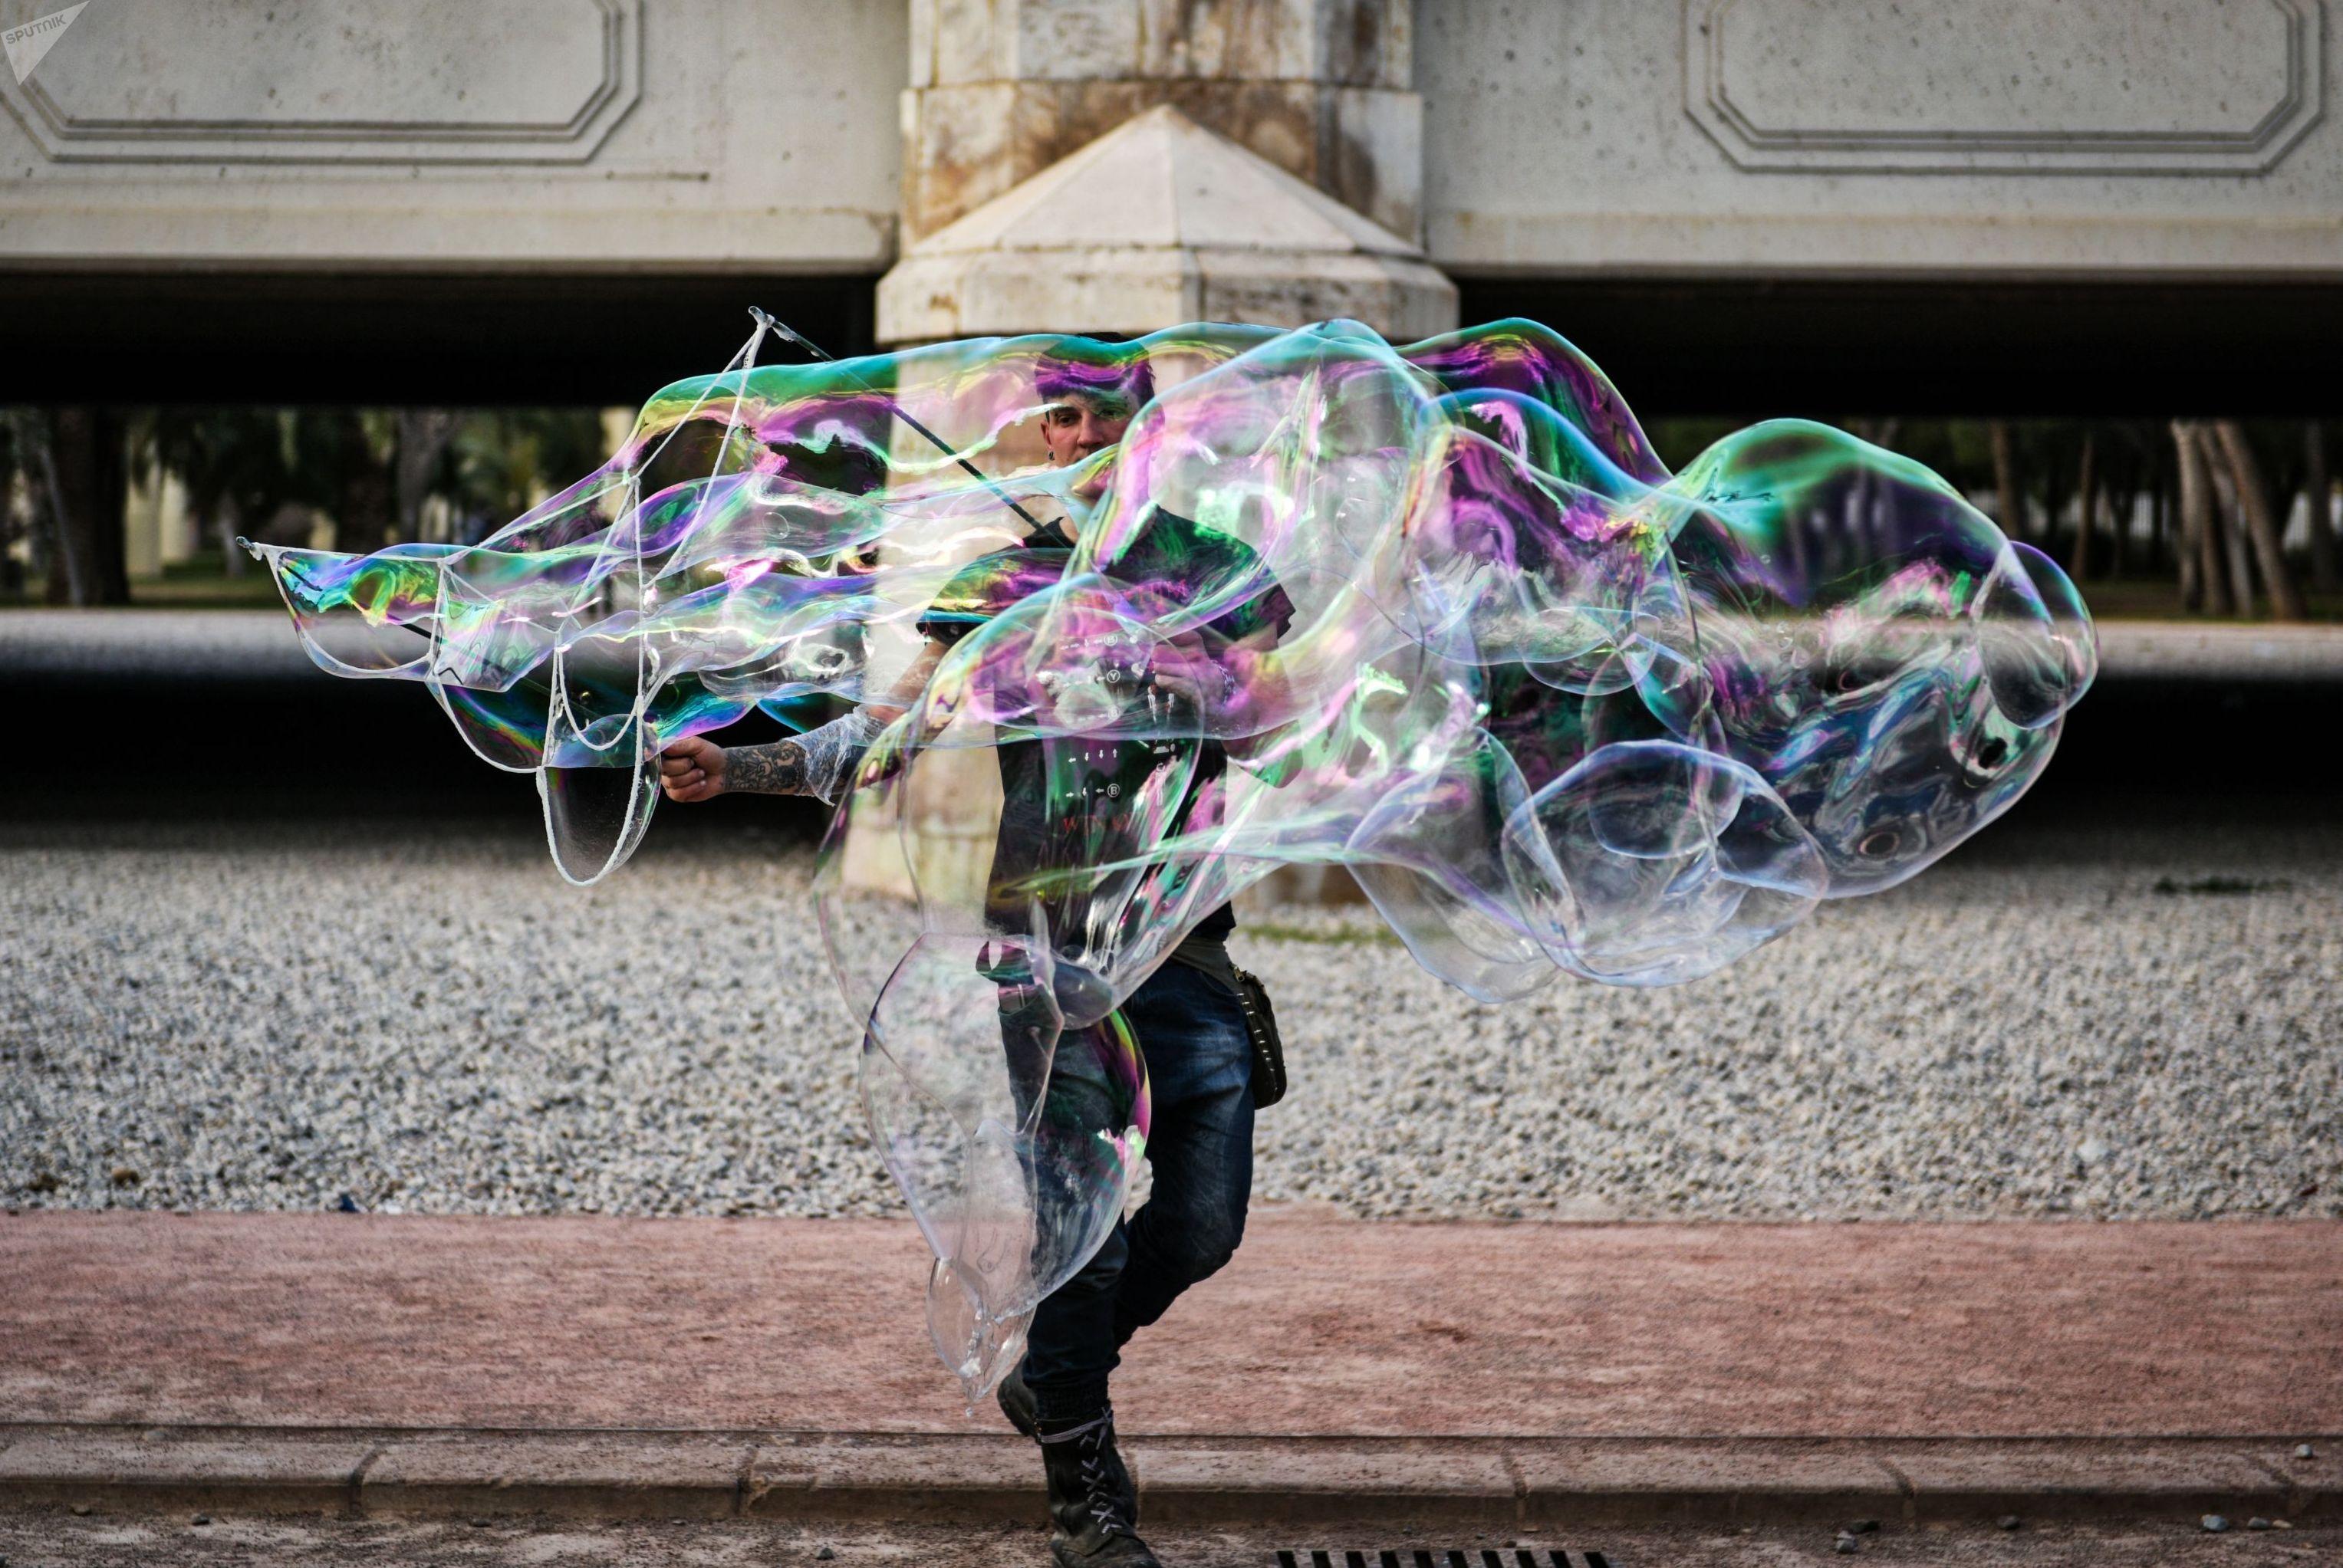 Мужчина создает огромные мыльные пузыри возле моста Анхель Кустодио в парке, находящемся на месте старого русла реки Турии в Валенсии